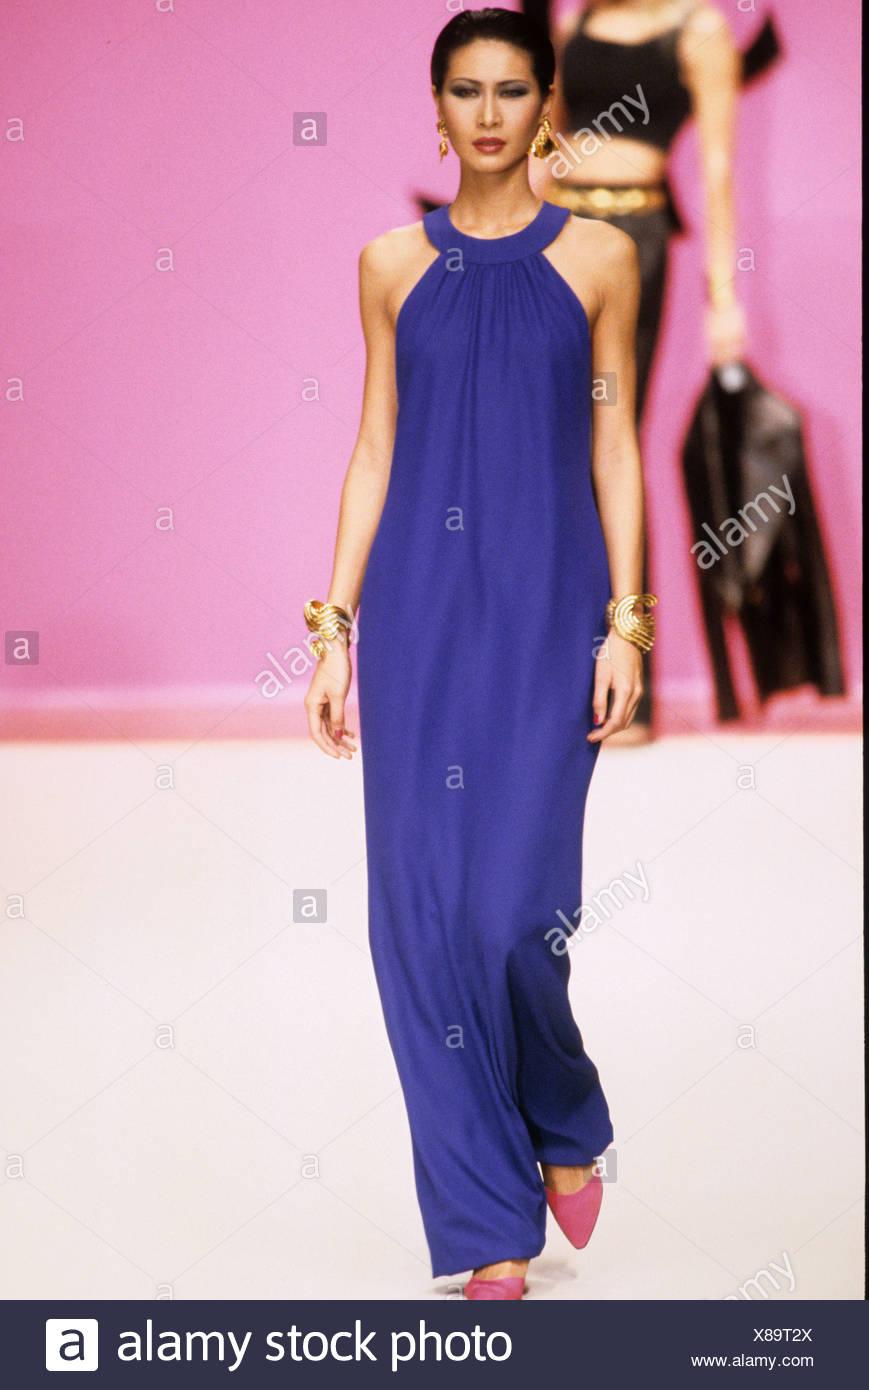 Abiti Da Cerimonia Yves Saint Laurent.Yves Saint Laurent Primavera Estate Indossa Modello Lungo Blu